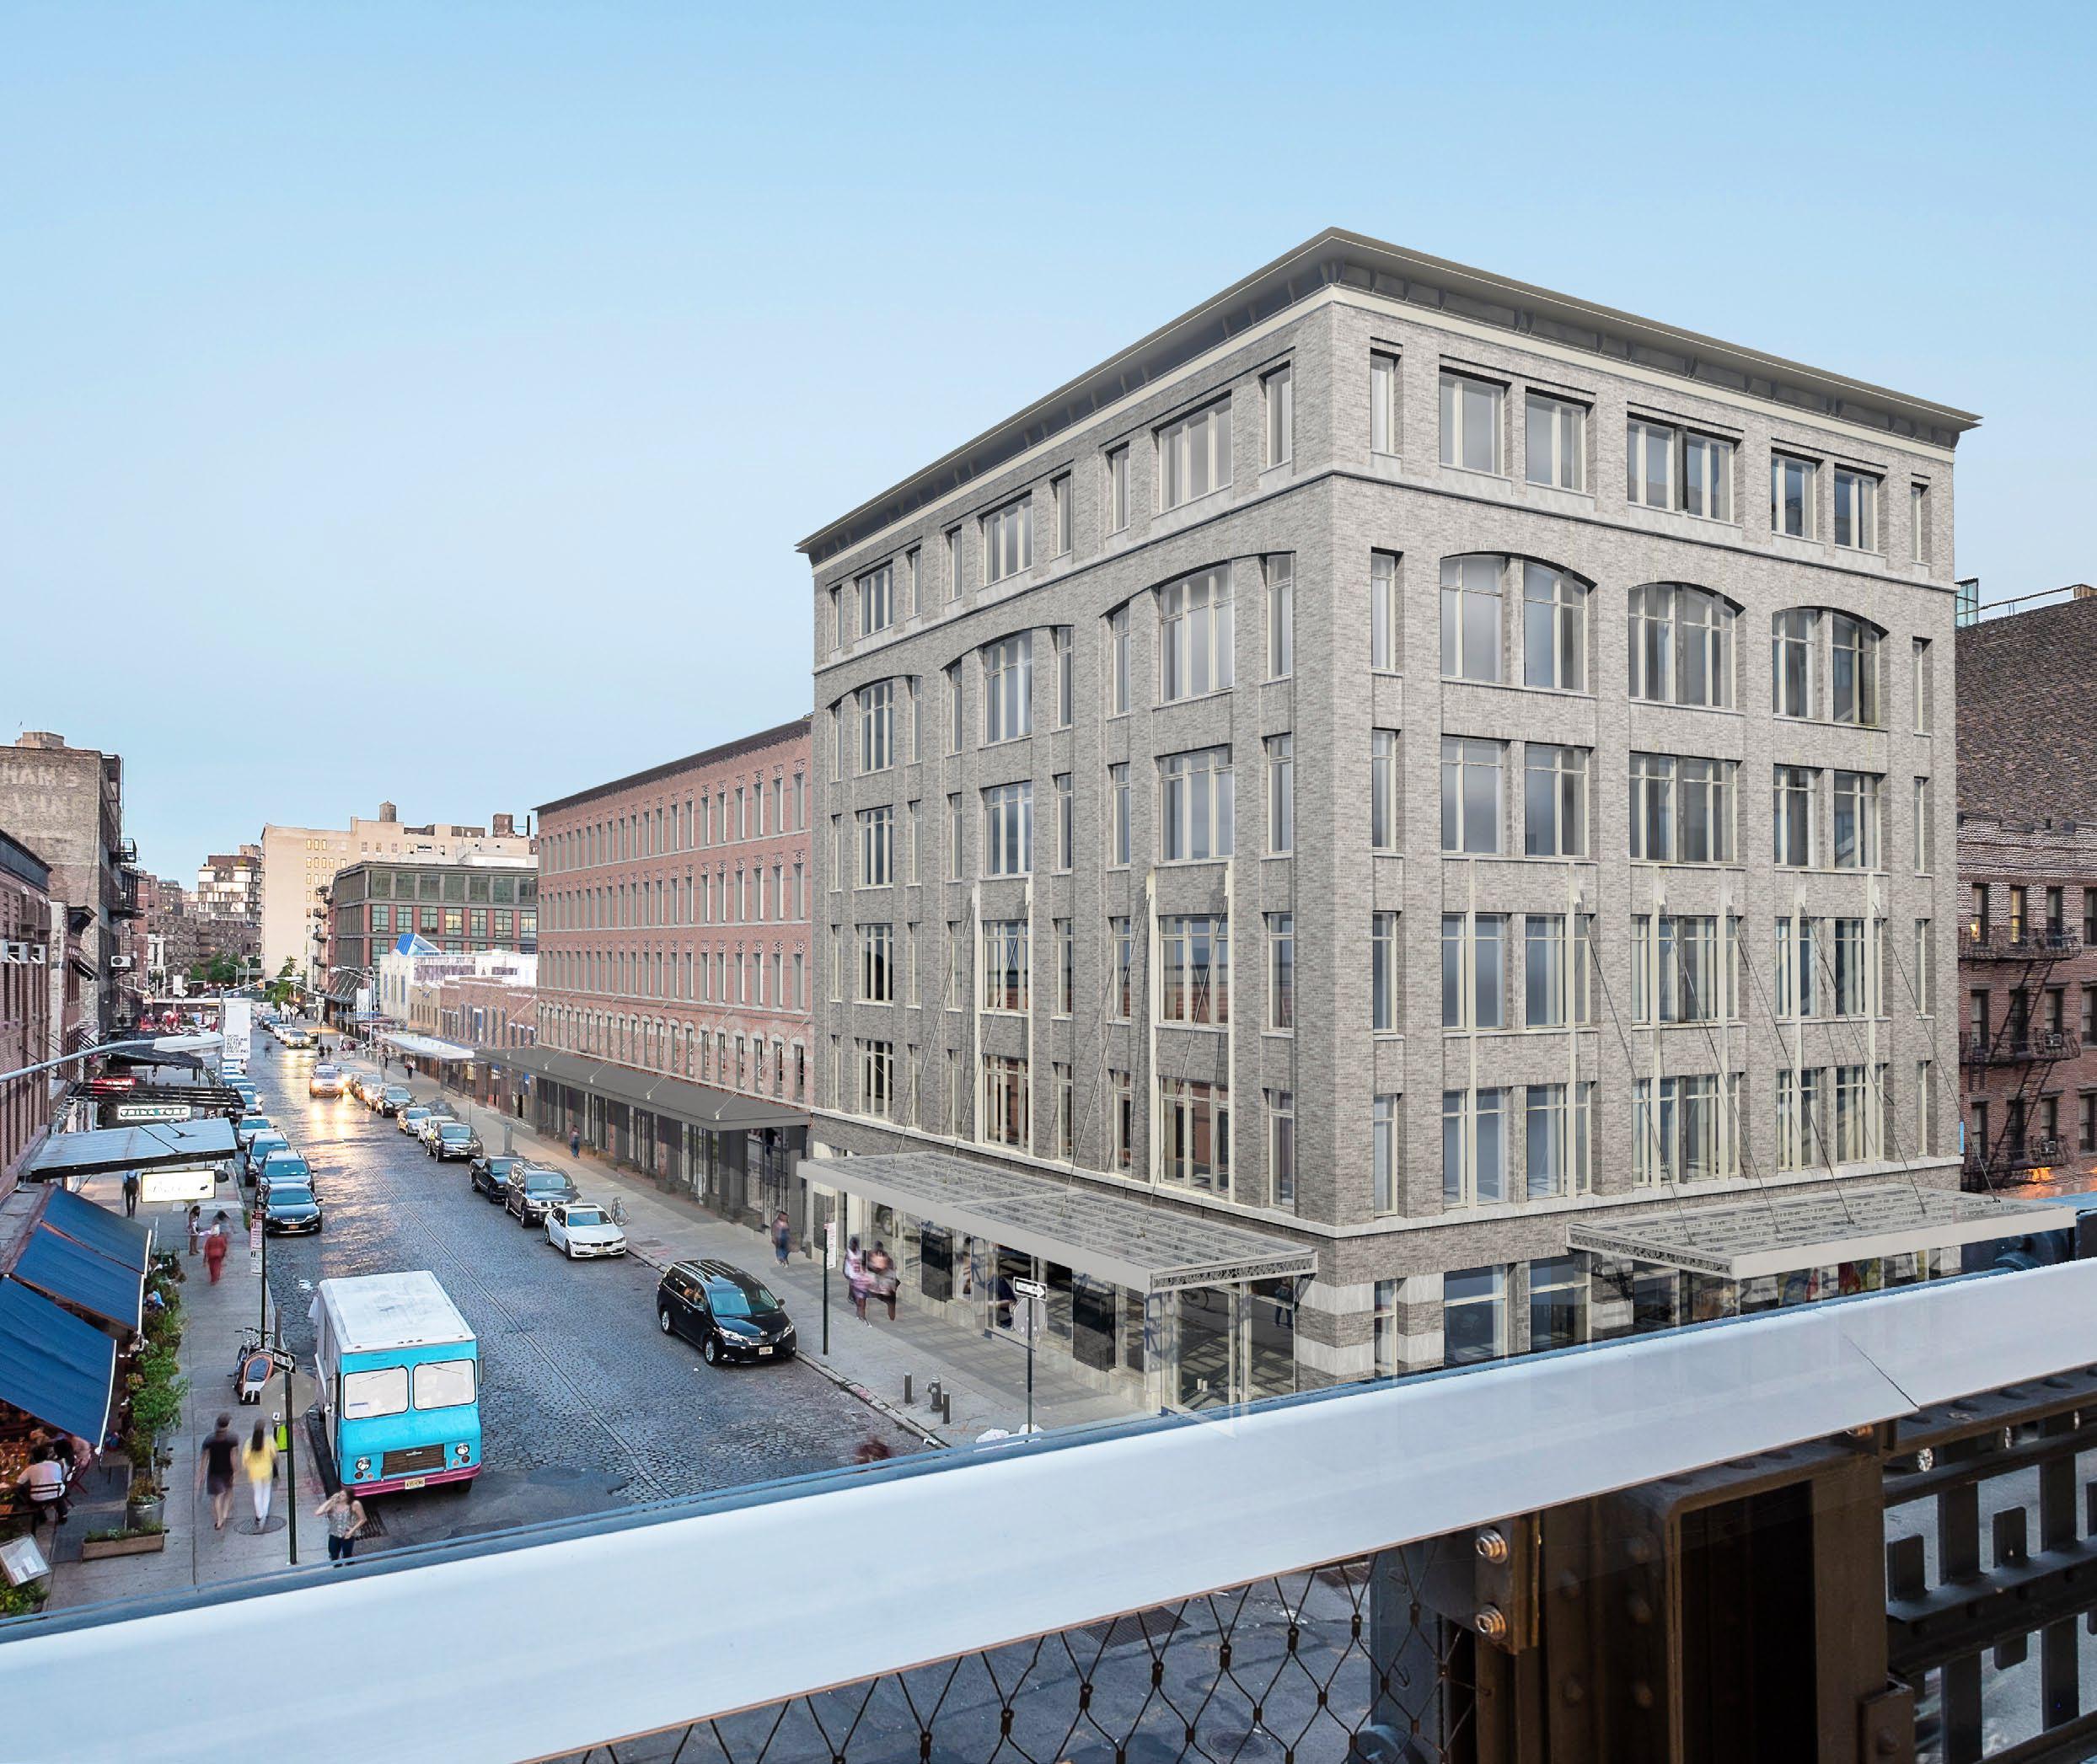 Rendering of the redeveloped 46-74 Gansevoort Street